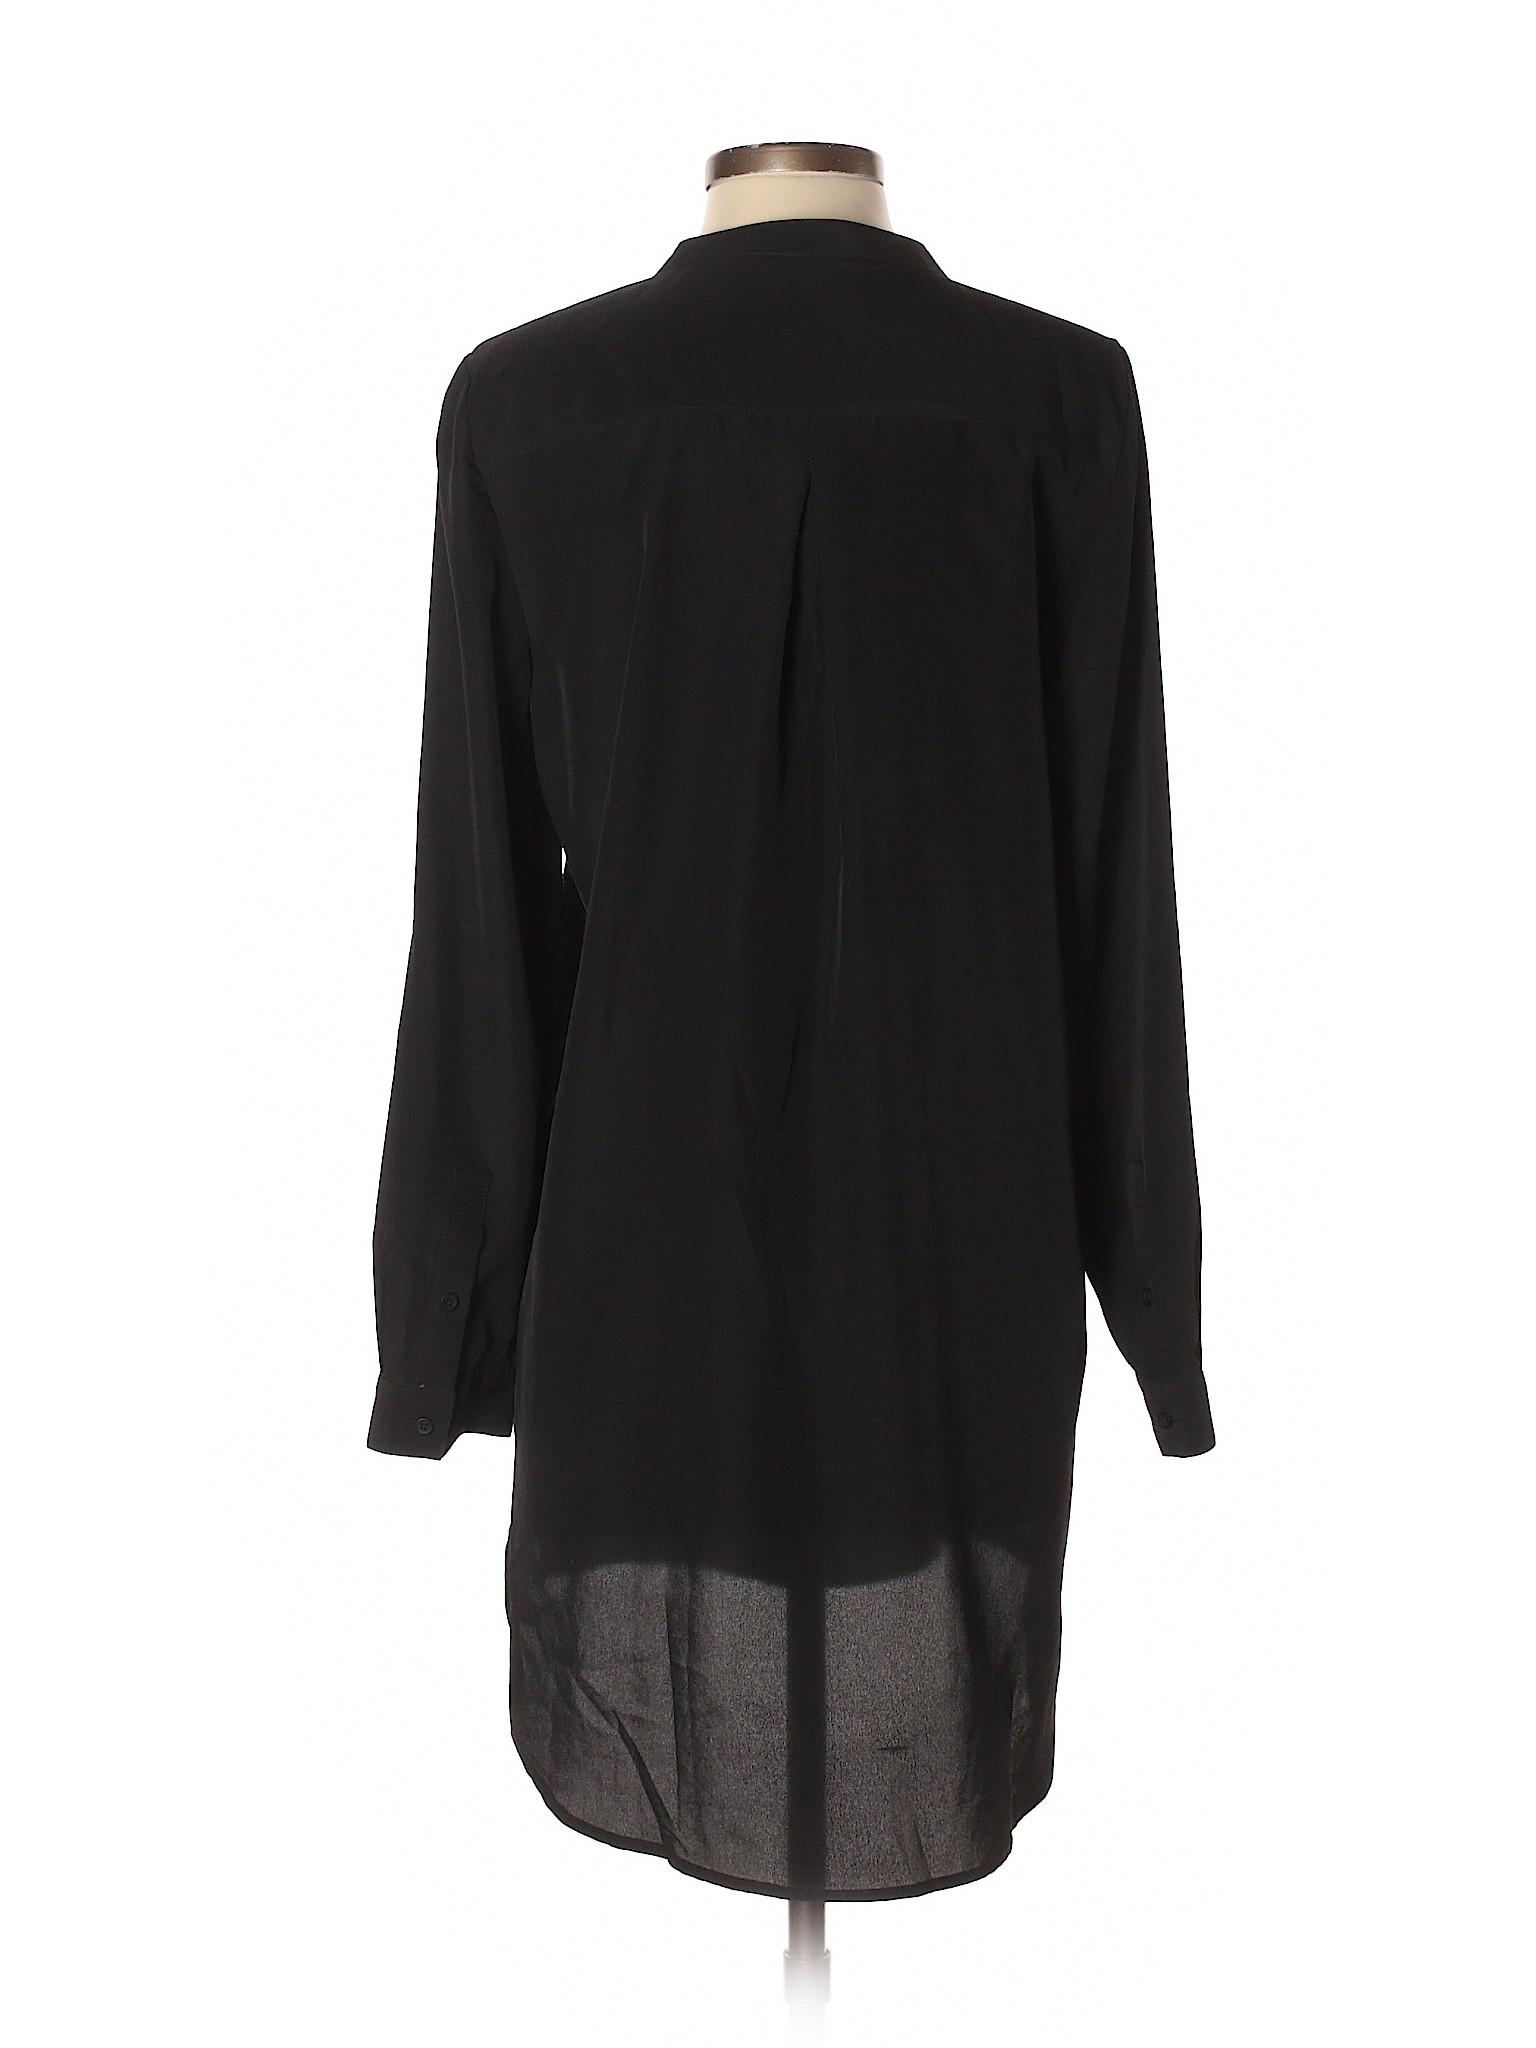 Boutique Boutique Dress winter Trouve winter Casual wUYxqRq5